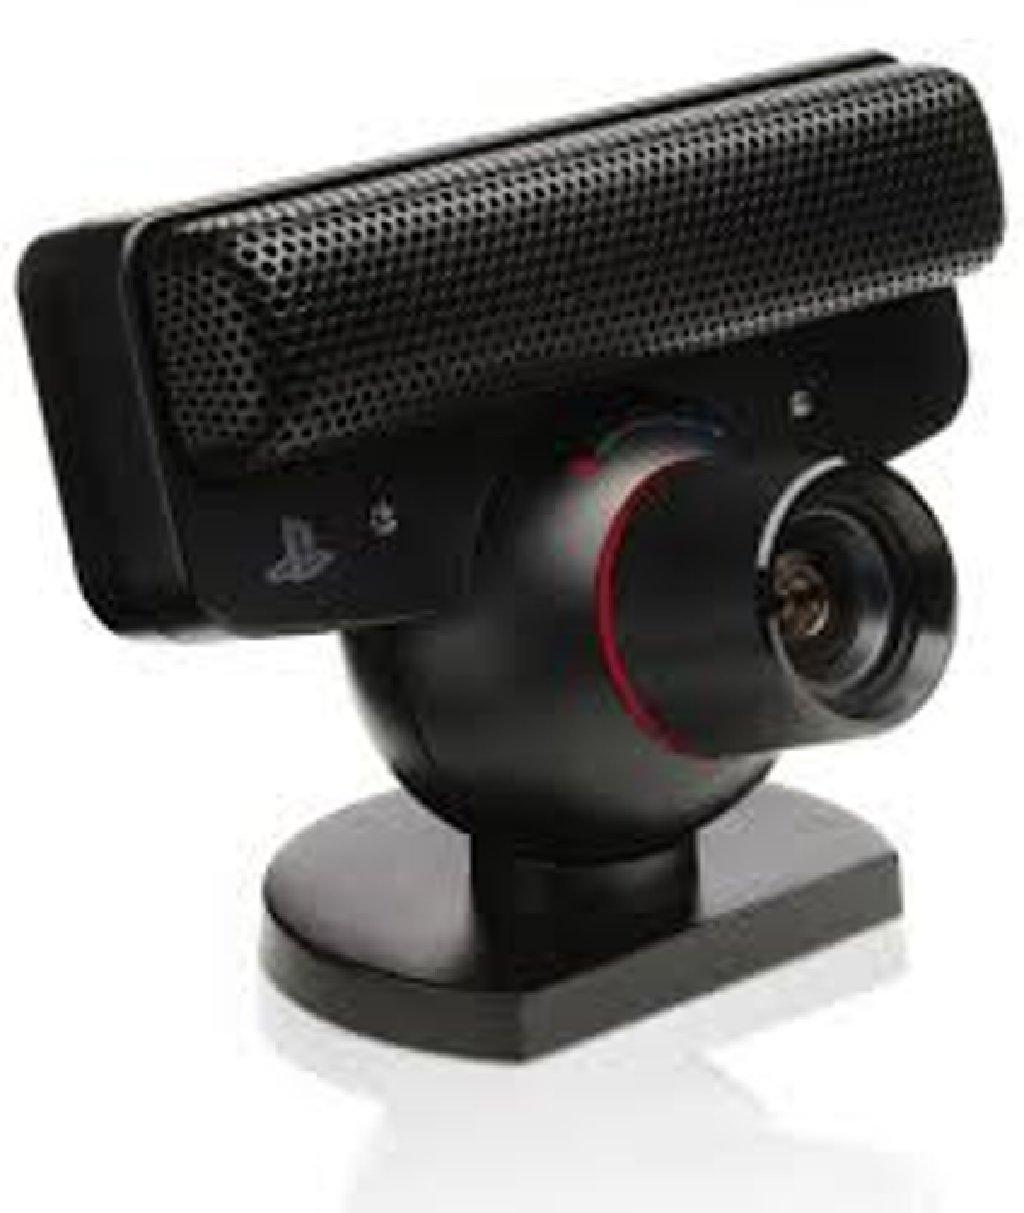 ΚΑΜΕΡΑ/Camera Playstation Eye Move, άριστη κατάσταση